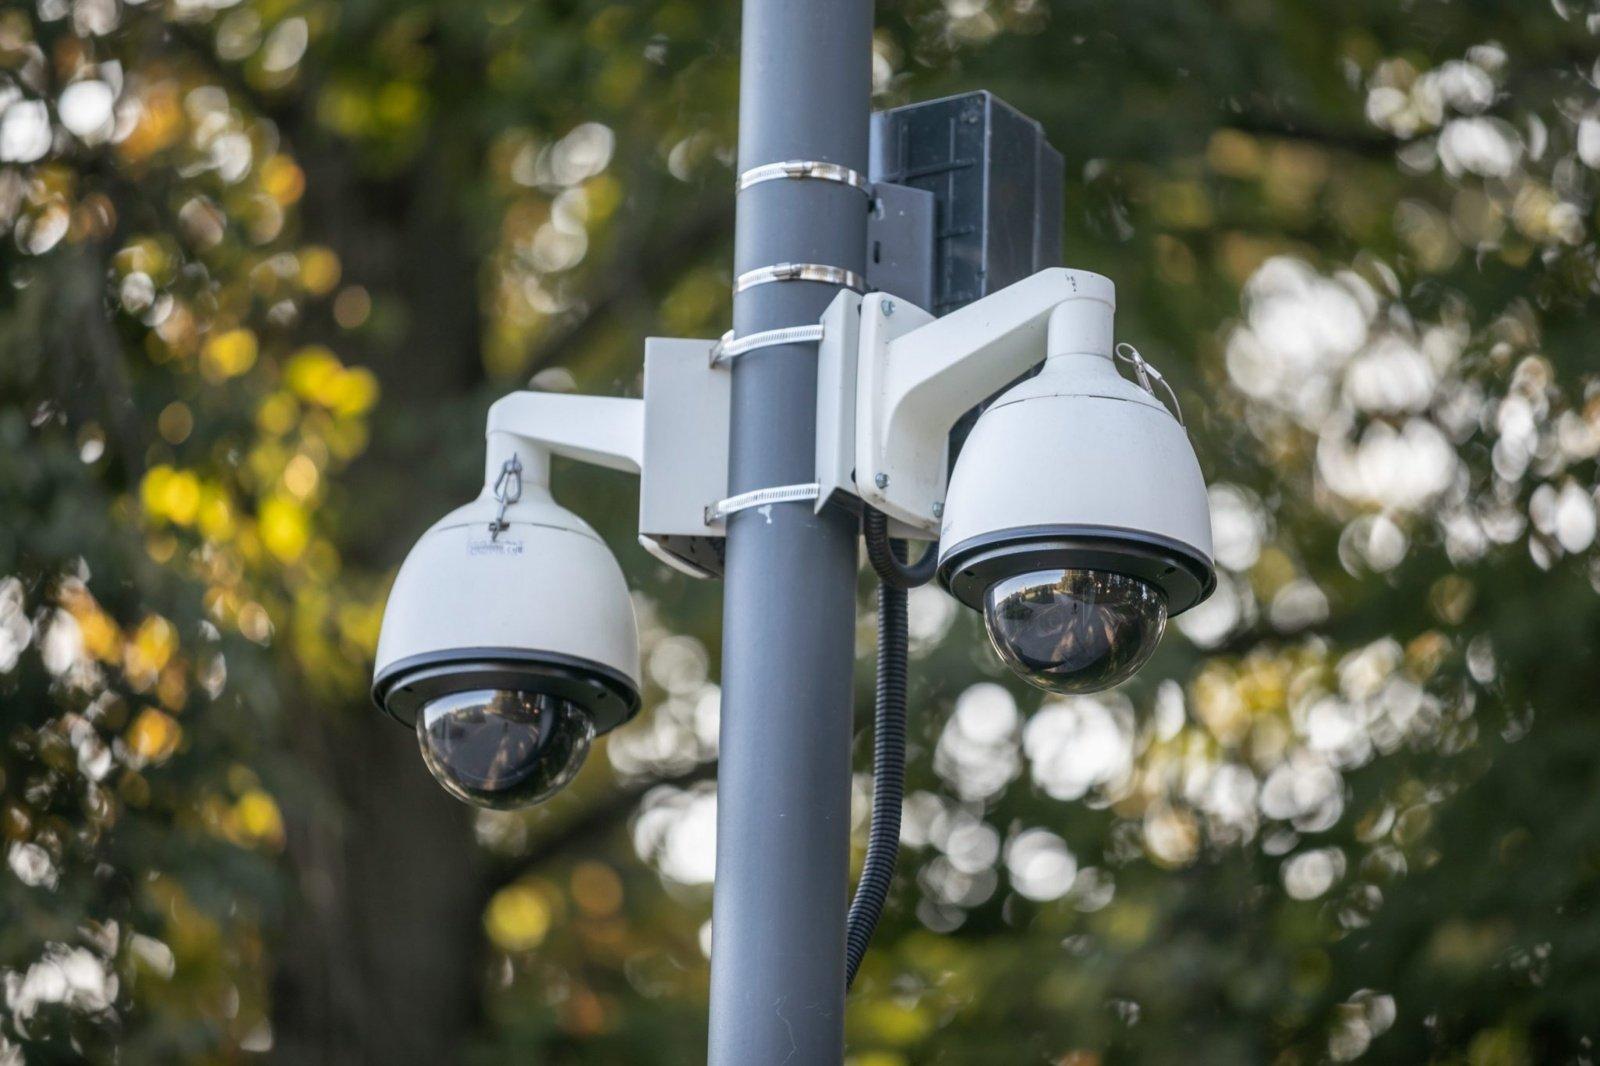 Vilniuje bus daugiau vaizdo stebėjimo kamerų – 30 jų atsiras prie mokyklų